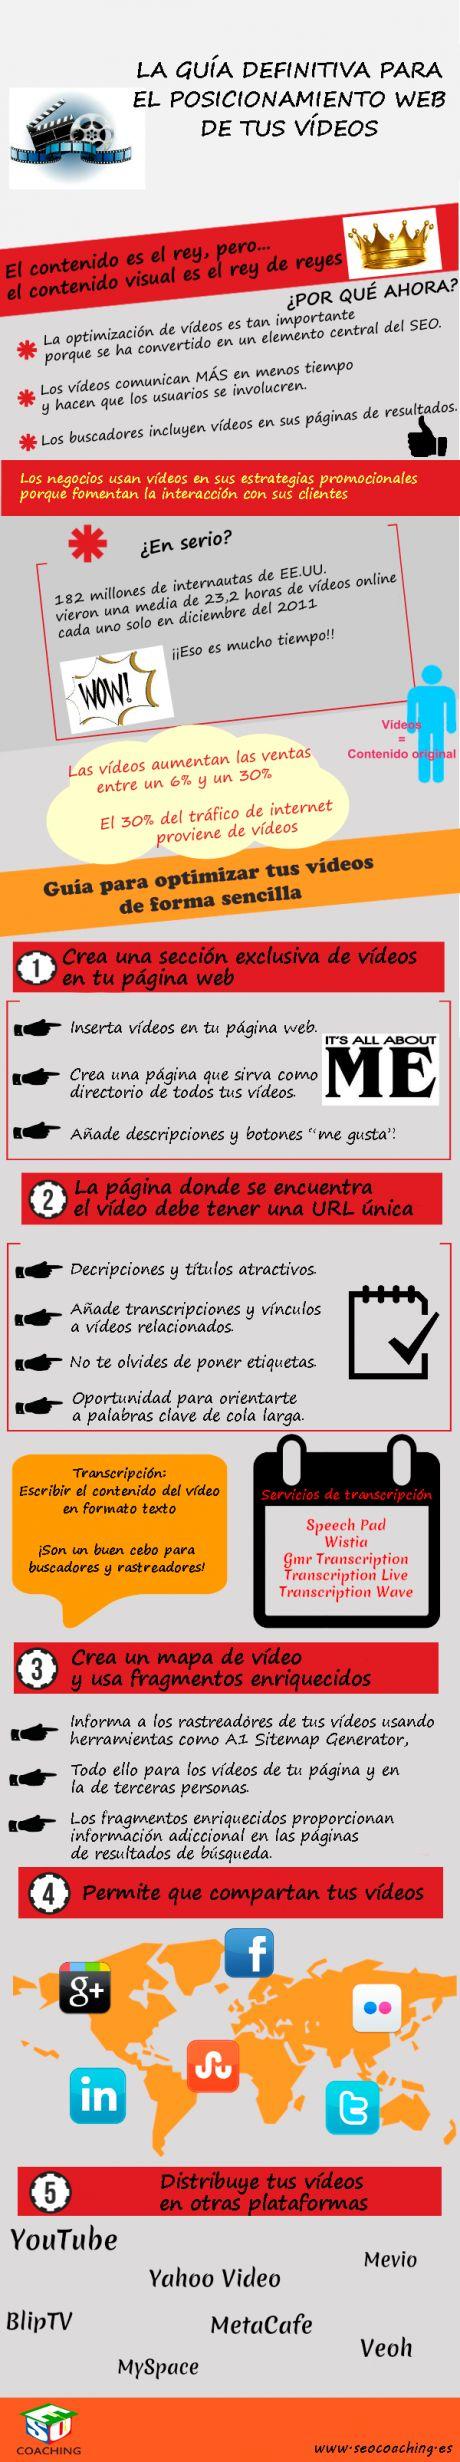 El #videomarketing continúa estando de moda en el 2014, recuerda que el #posicionamientoweb de tus vídeos es importante. #SEO #infografia